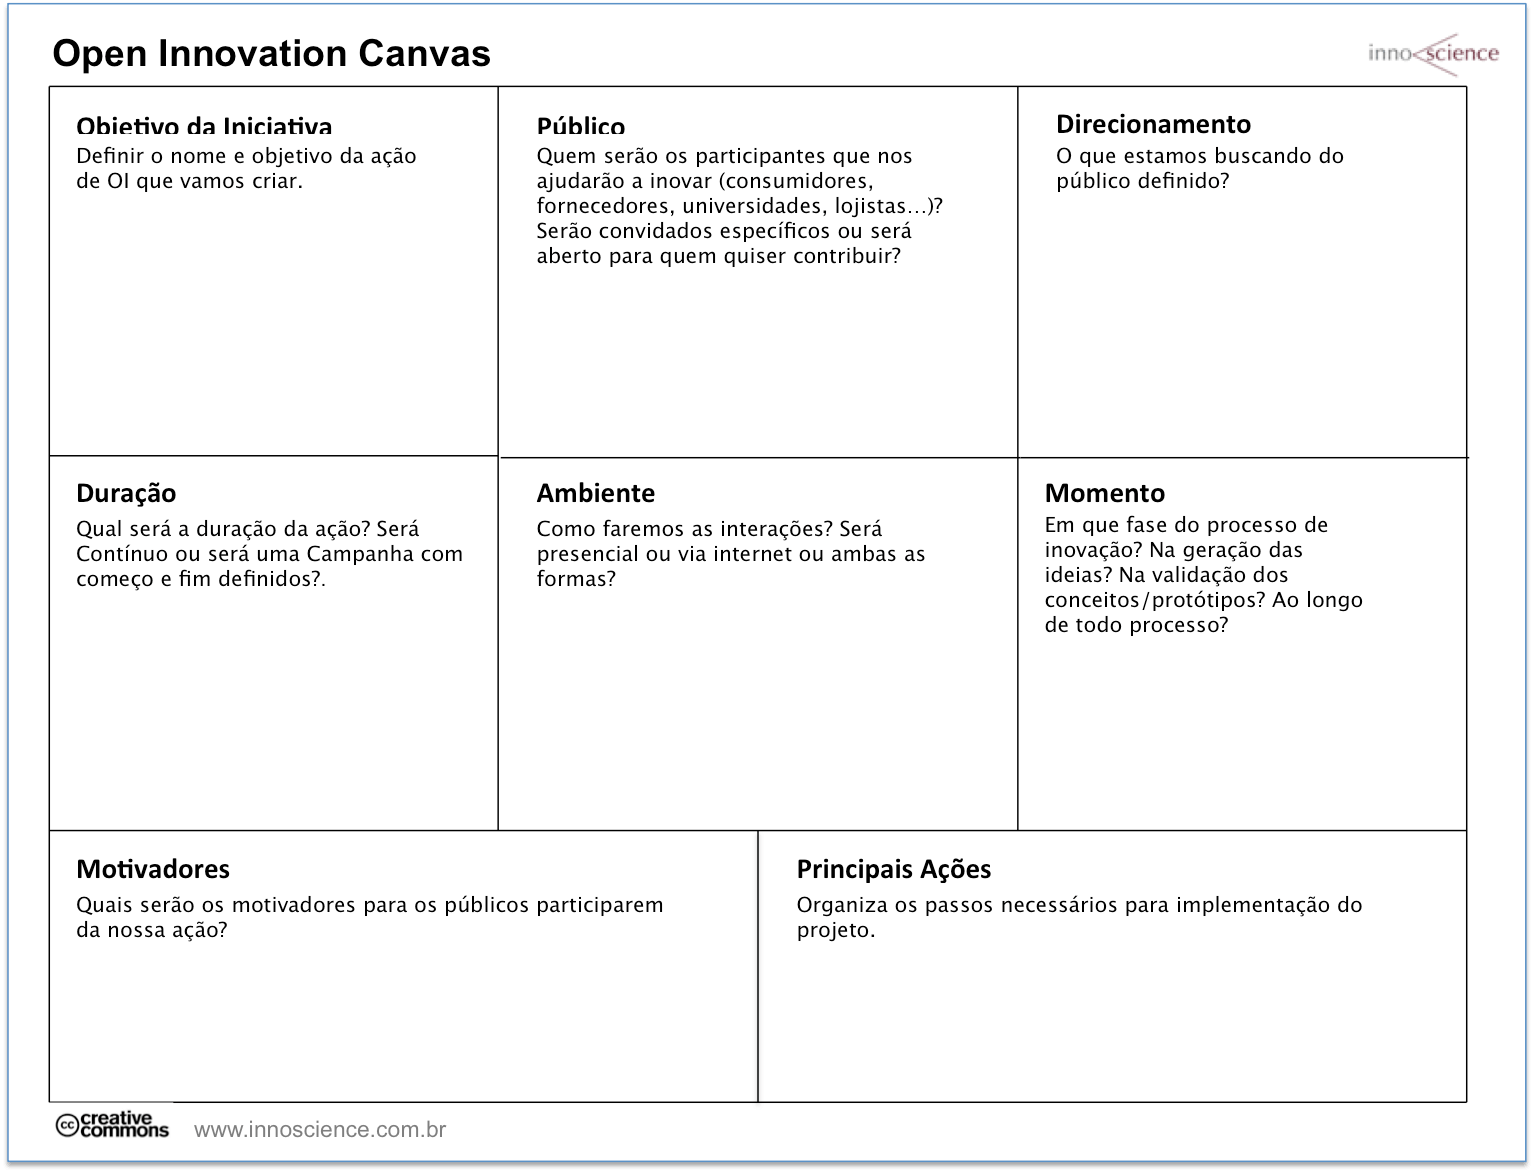 df222b489ea7 Modelos de Canvas: 17 modelos para adotar e praticar a inovação